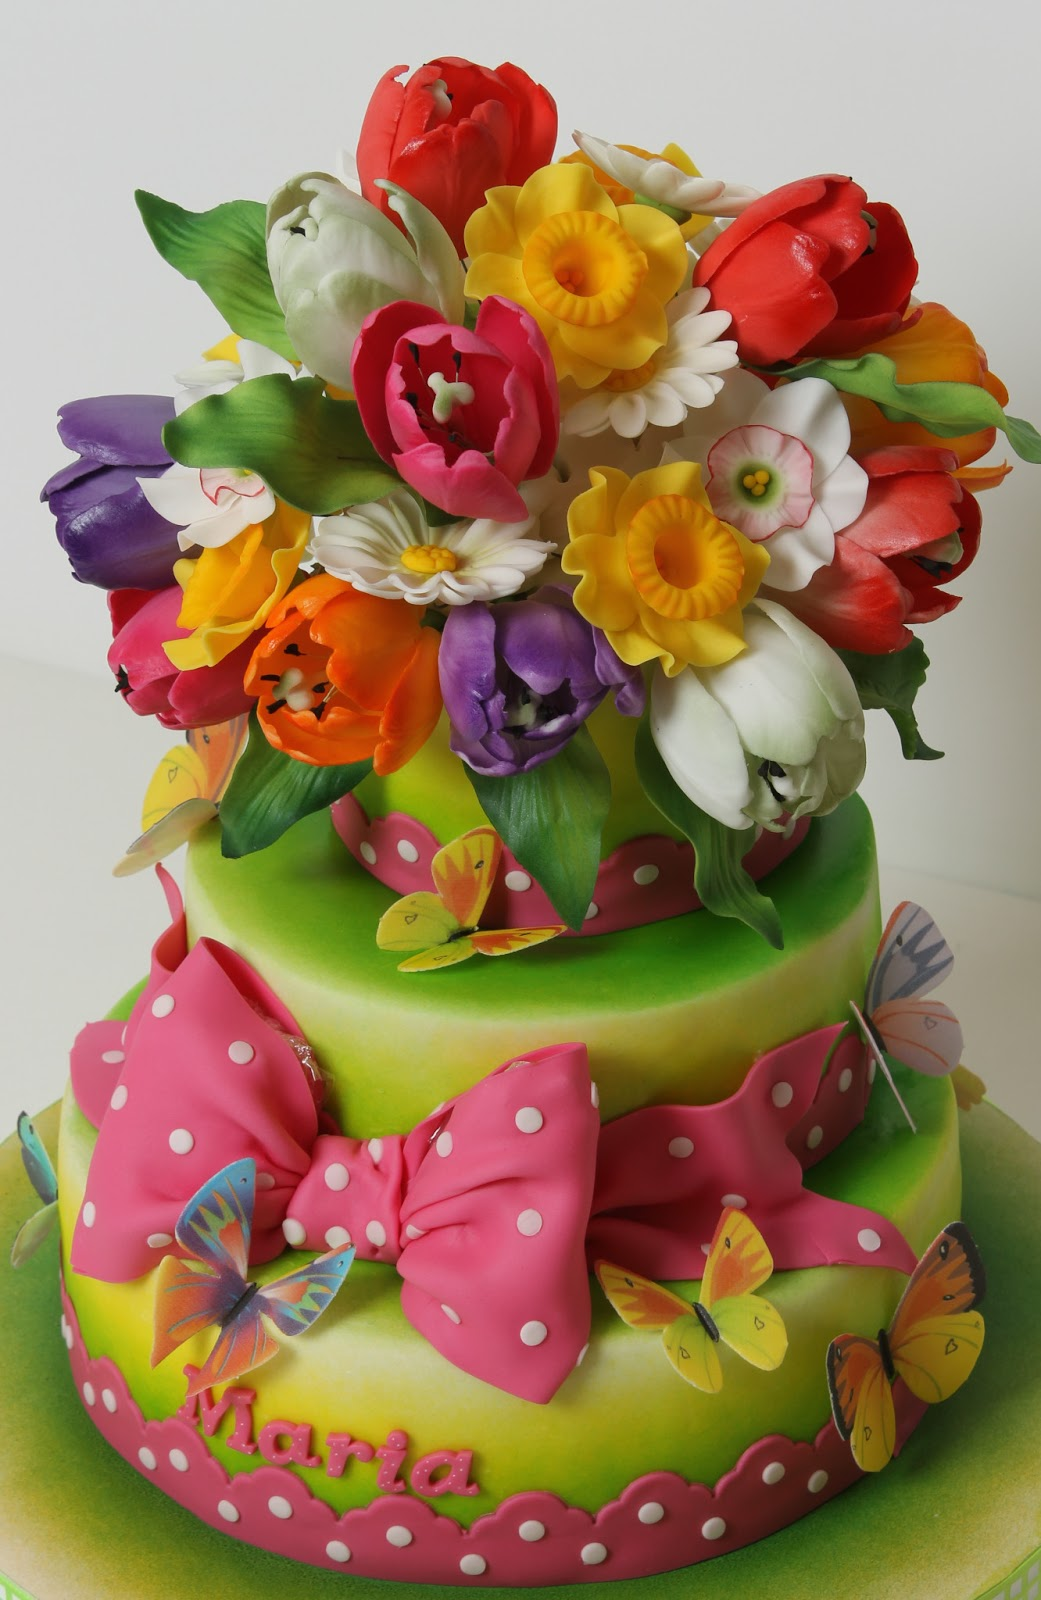 Цветы из мастики на торте фото